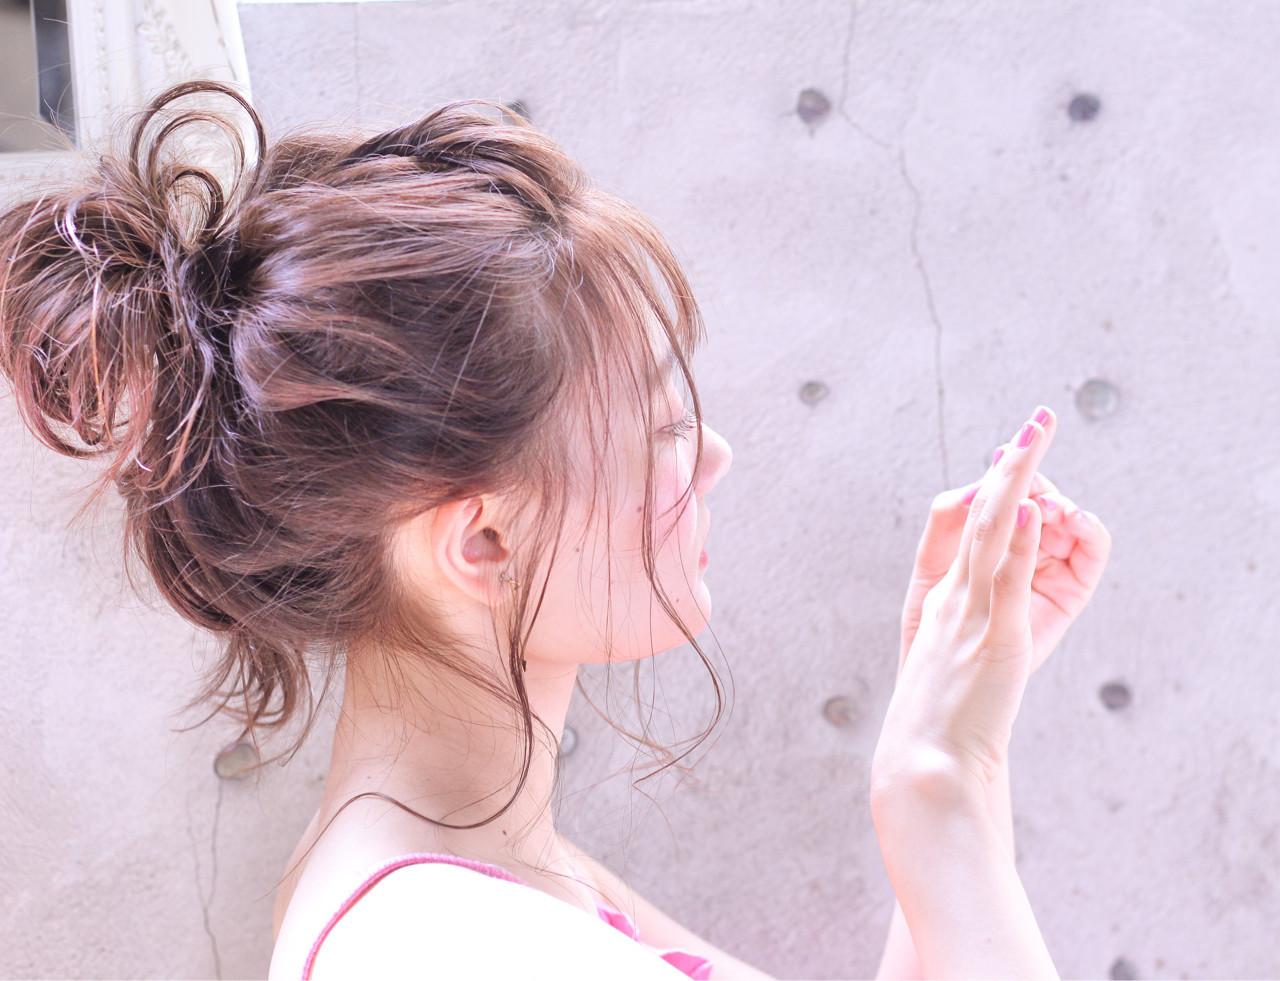 お団子アレンジが可愛い♡ハーフアップも Wataru Maeda